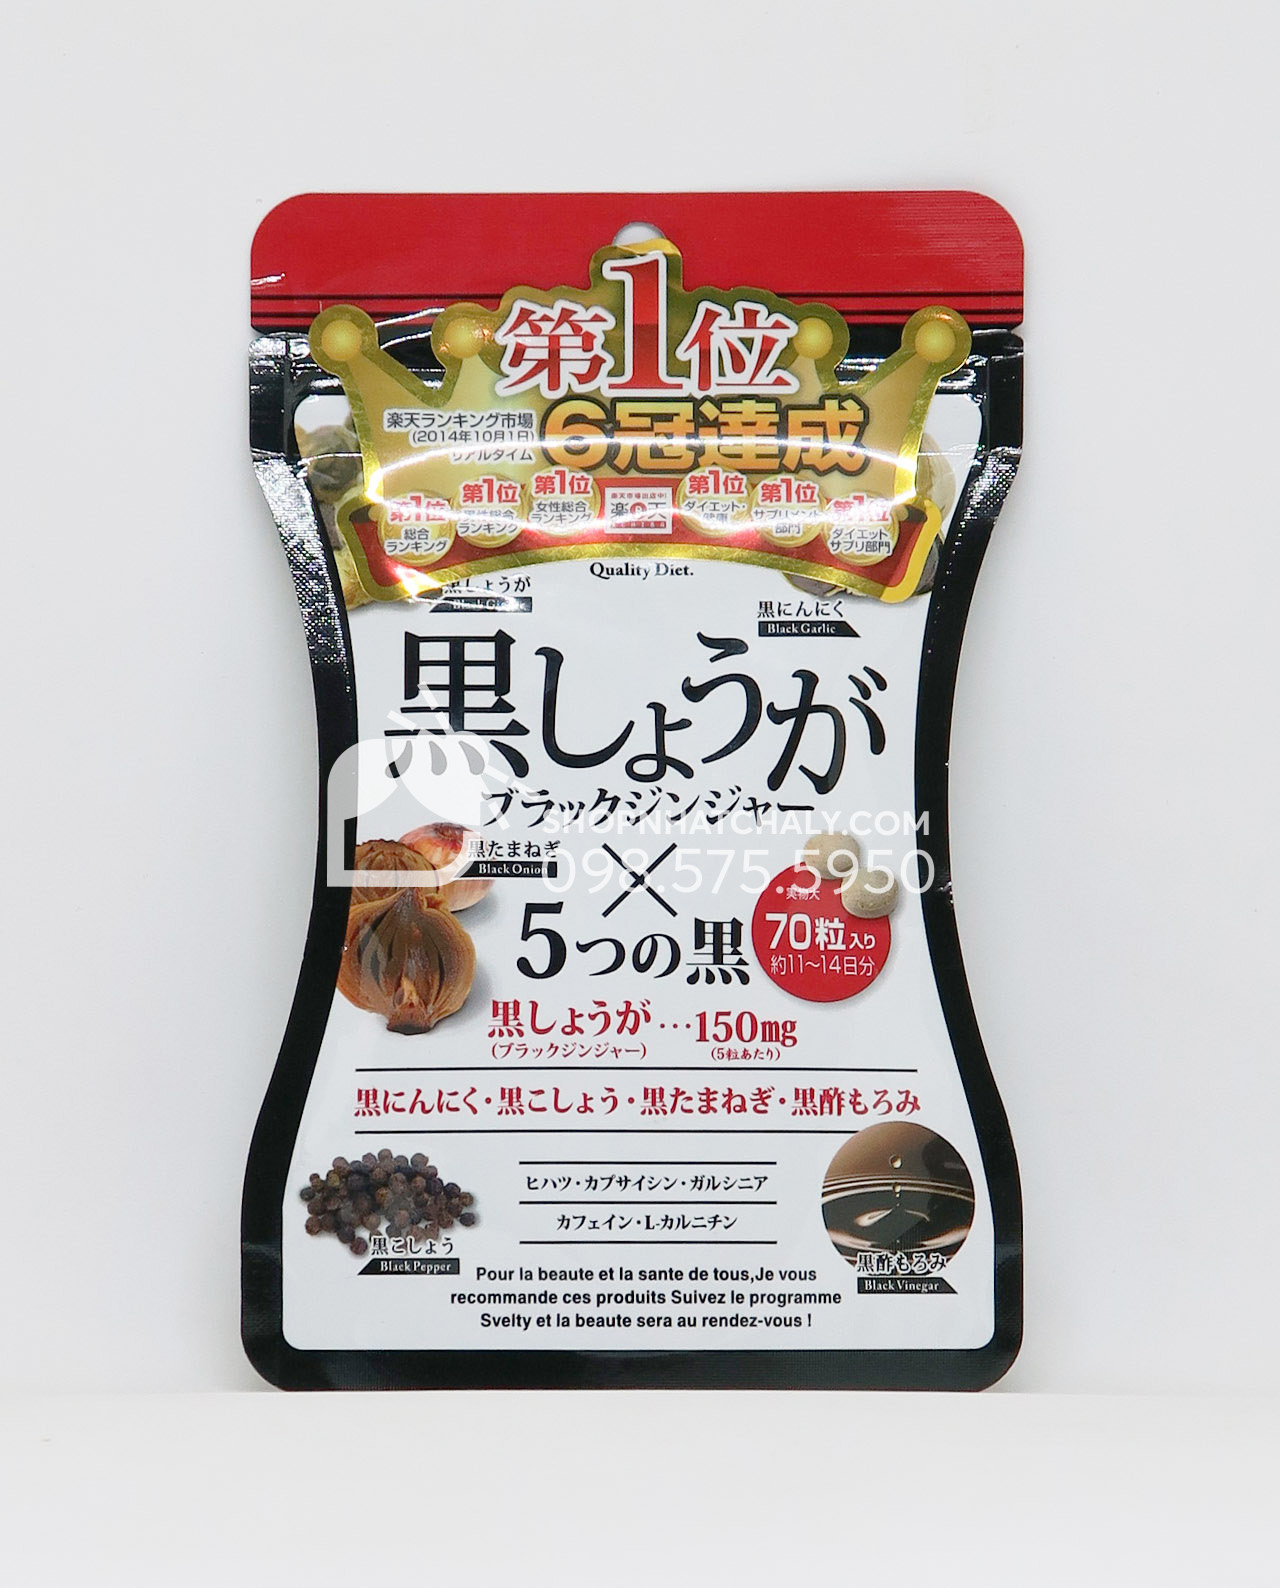 Người dùng review thuốc giảm cân Svelty Quality Diet rất cao ở hiệu quả tiêu mỡ, đốt mỡ nhanh chóng, nhờ sự kết hợp của 5 thành phần thảo dược lên men trong đó gừng đen là thành phần chính